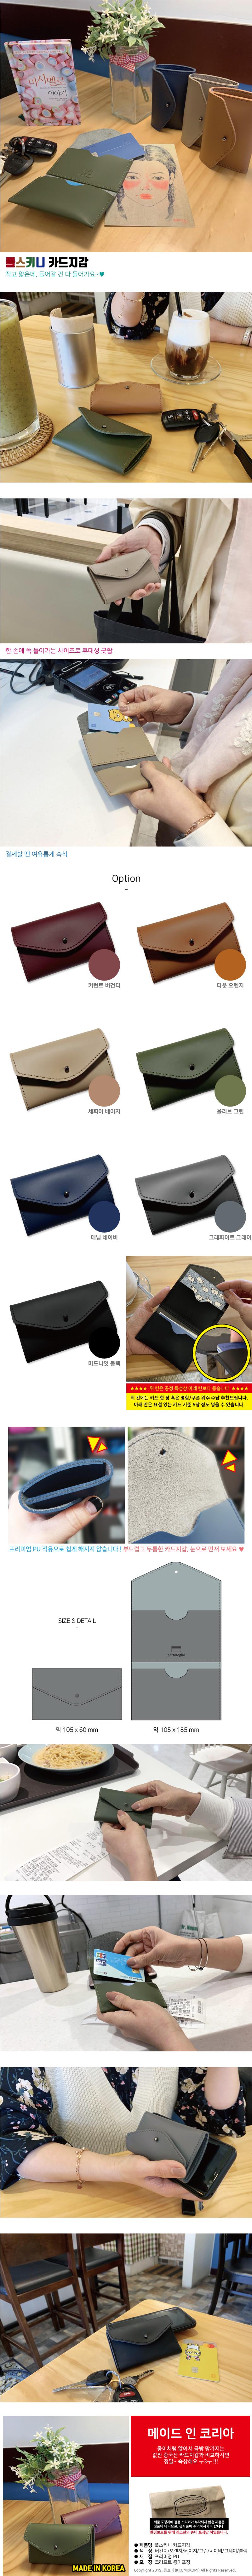 풀스키니 가죽 카드 지갑 여성용 반지갑 - 꼼꼬미, 7,900원, 동전/카드지갑, 카드지갑